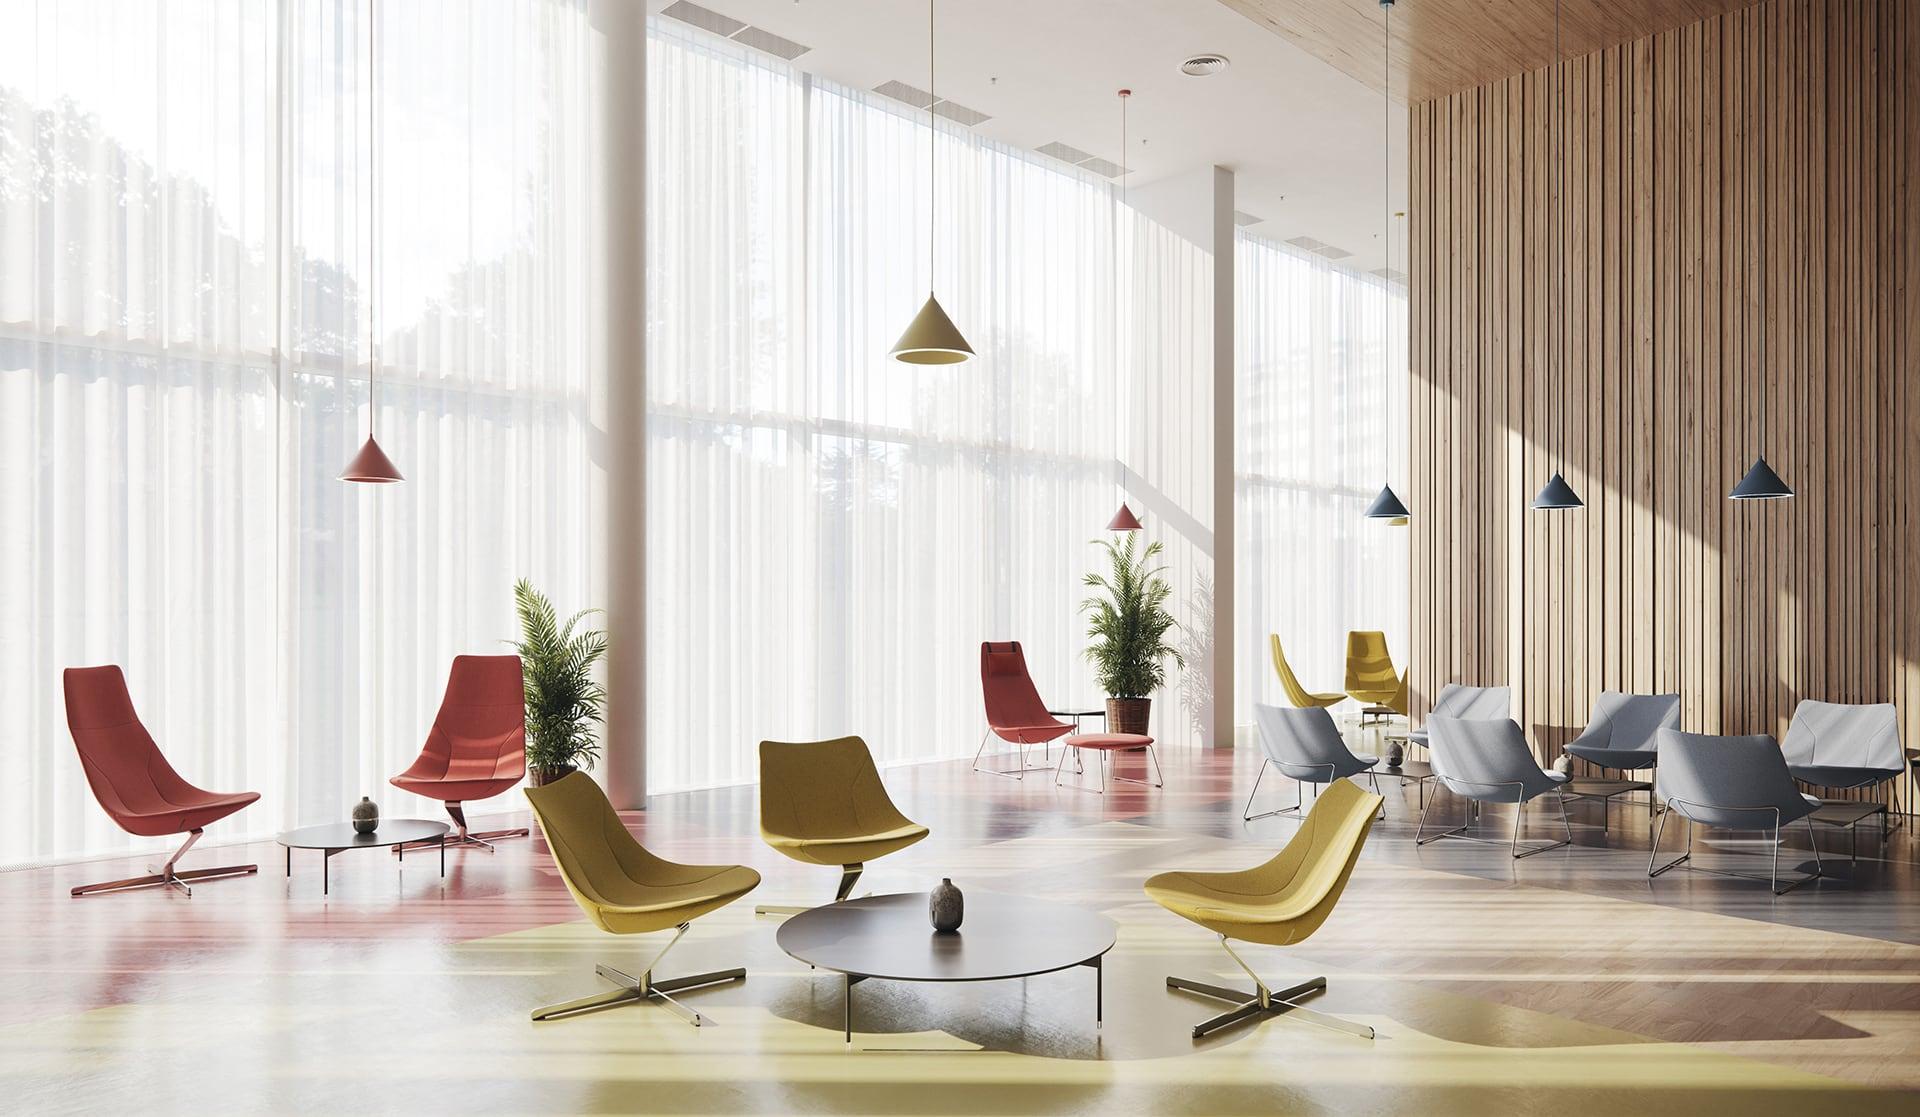 Fotele do hotelowego lobby